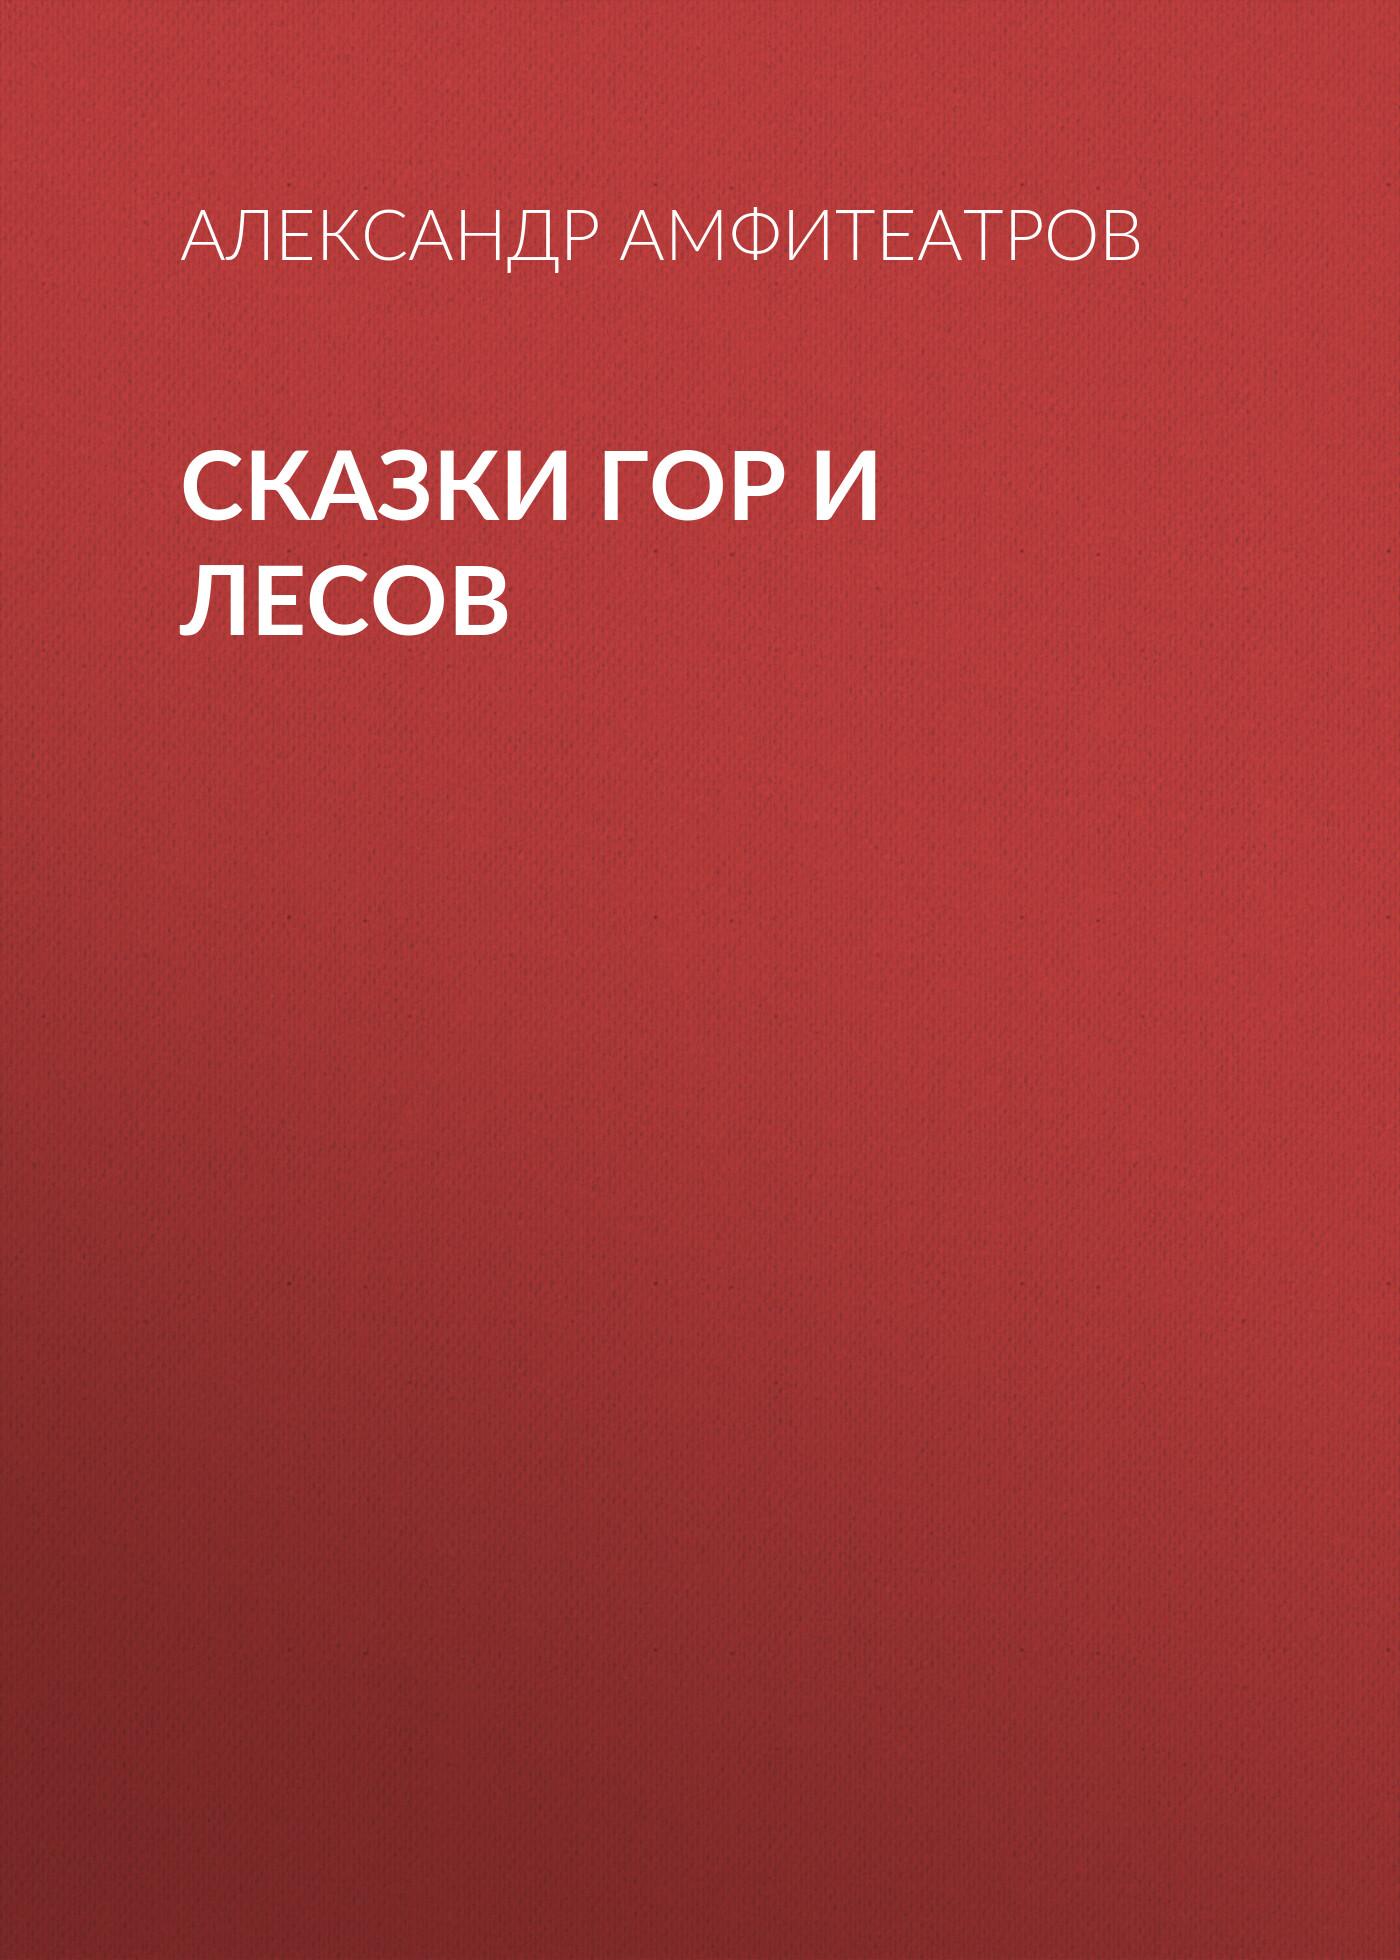 Александр Амфитеатров Сказки гор и лесов